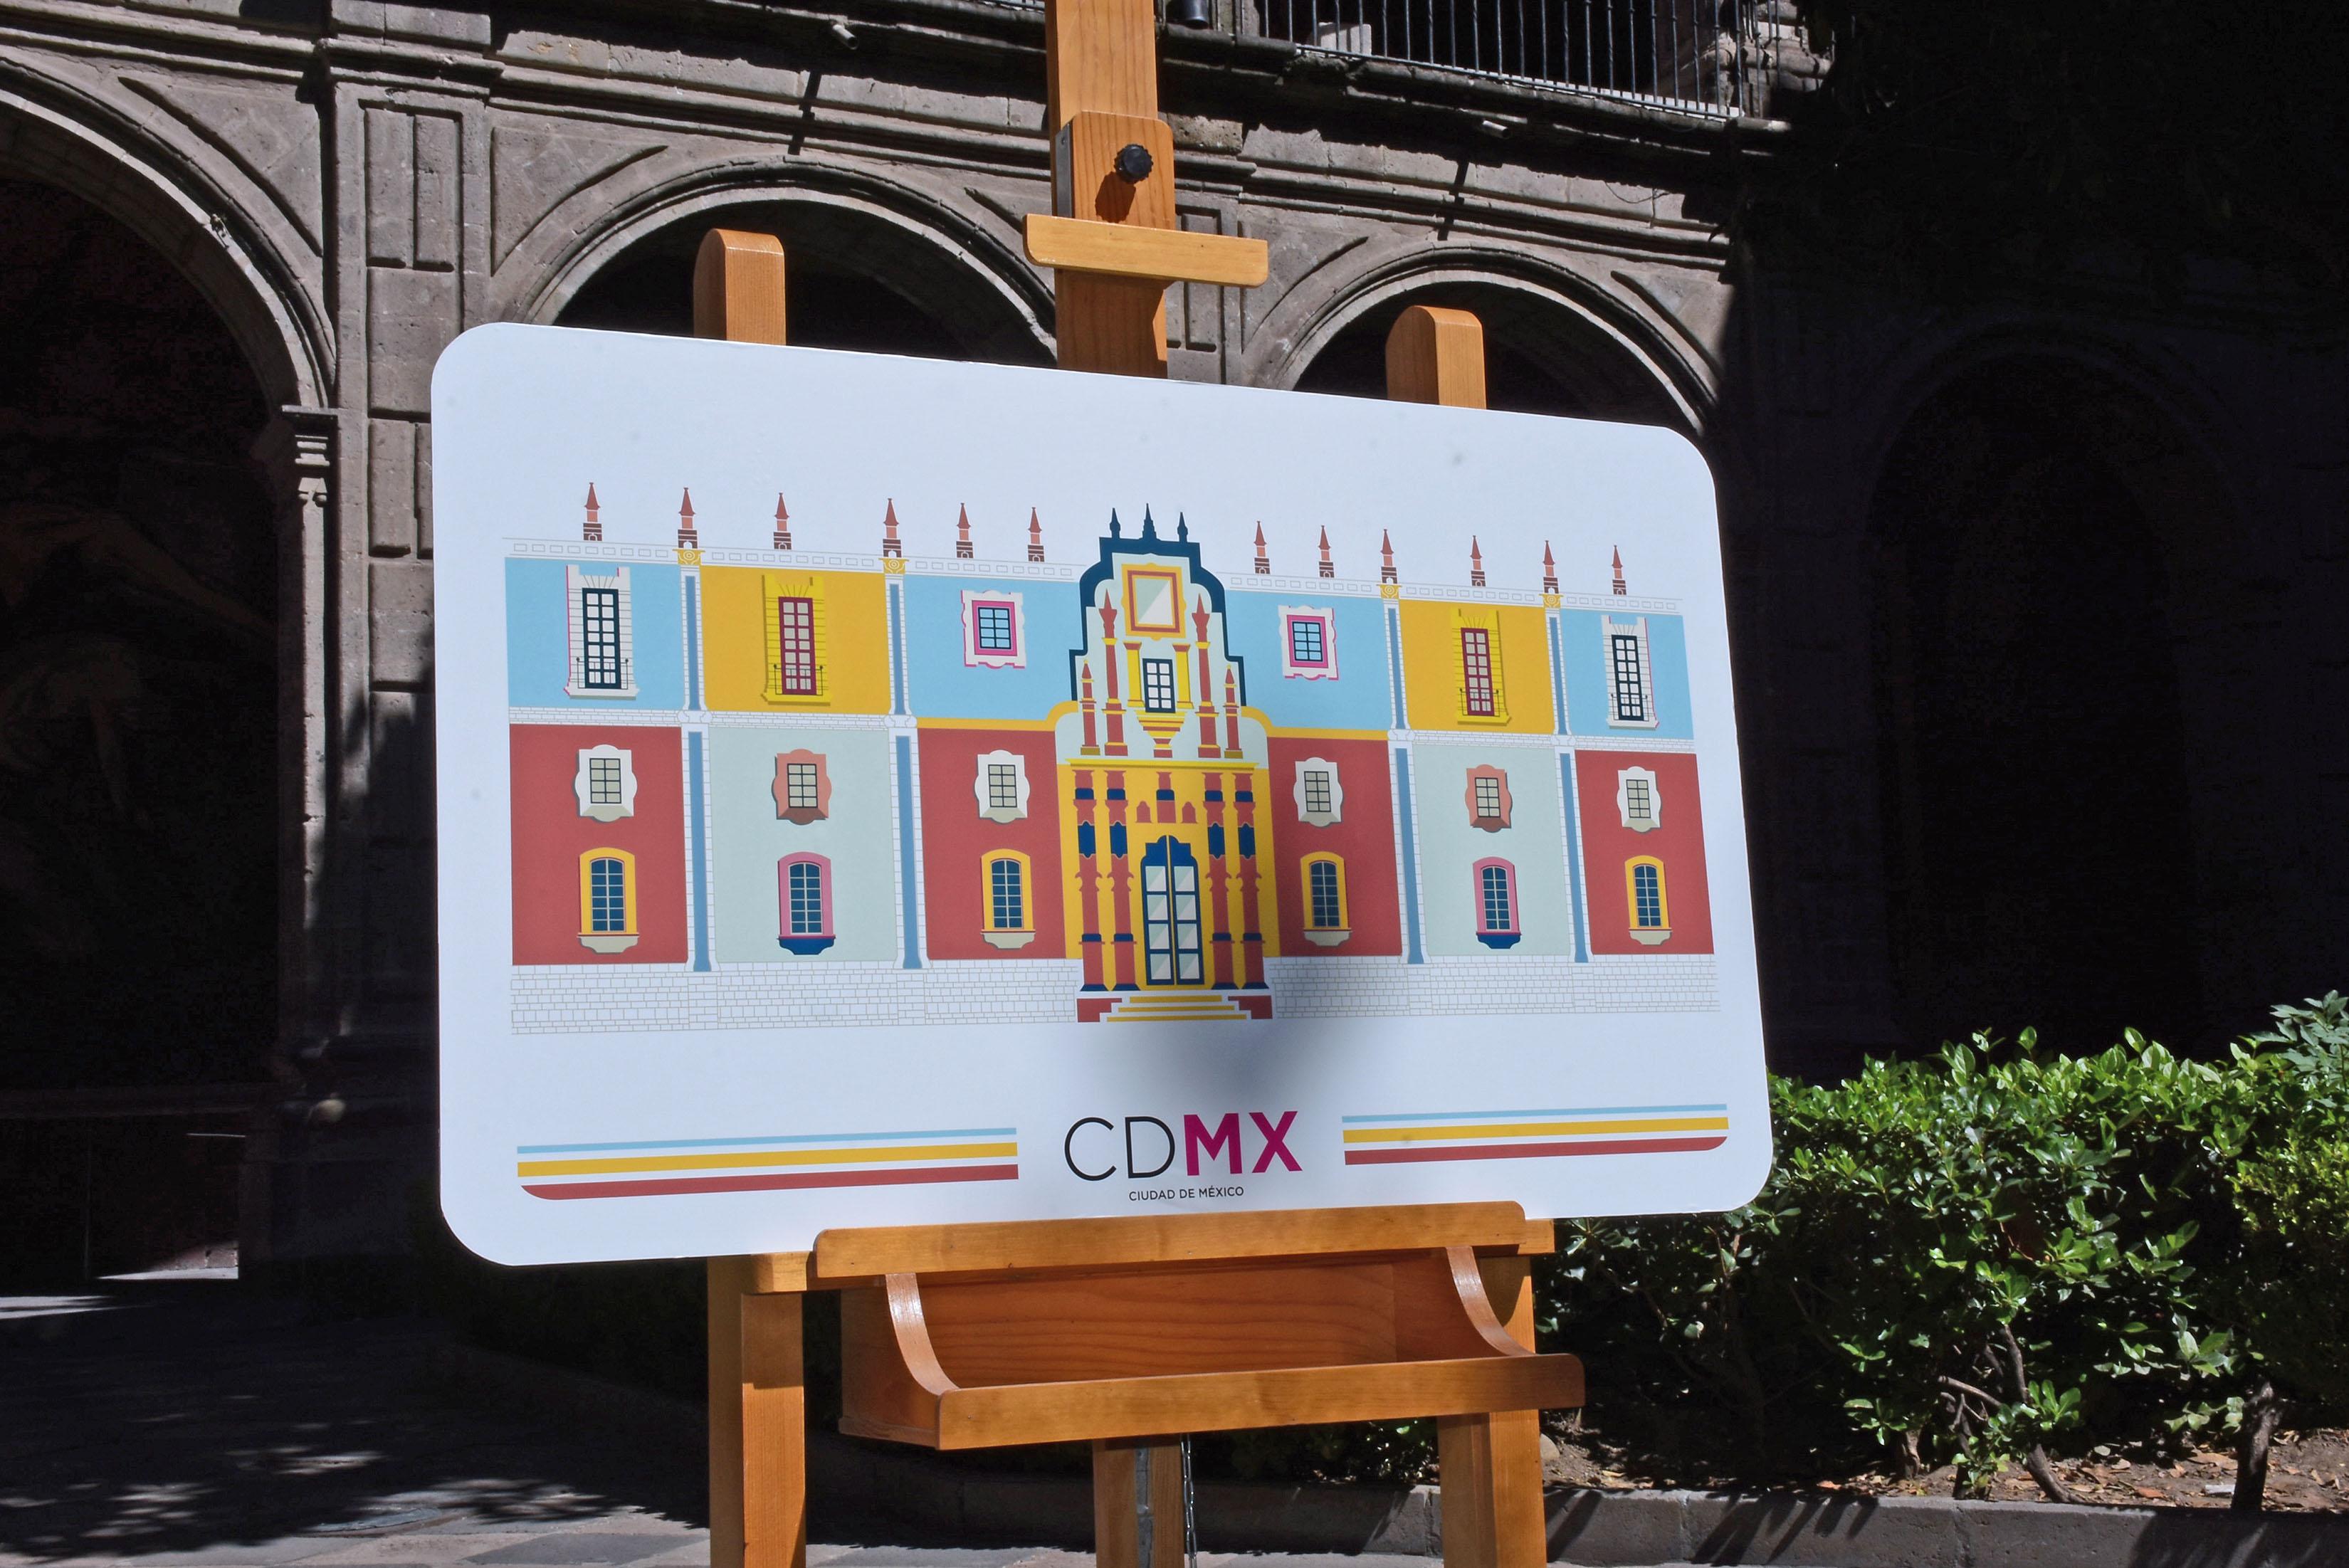 Celebran los 25 años del Antiguo Colegio de San Ildefonso con tarjeta conmemorativa del Metrobús